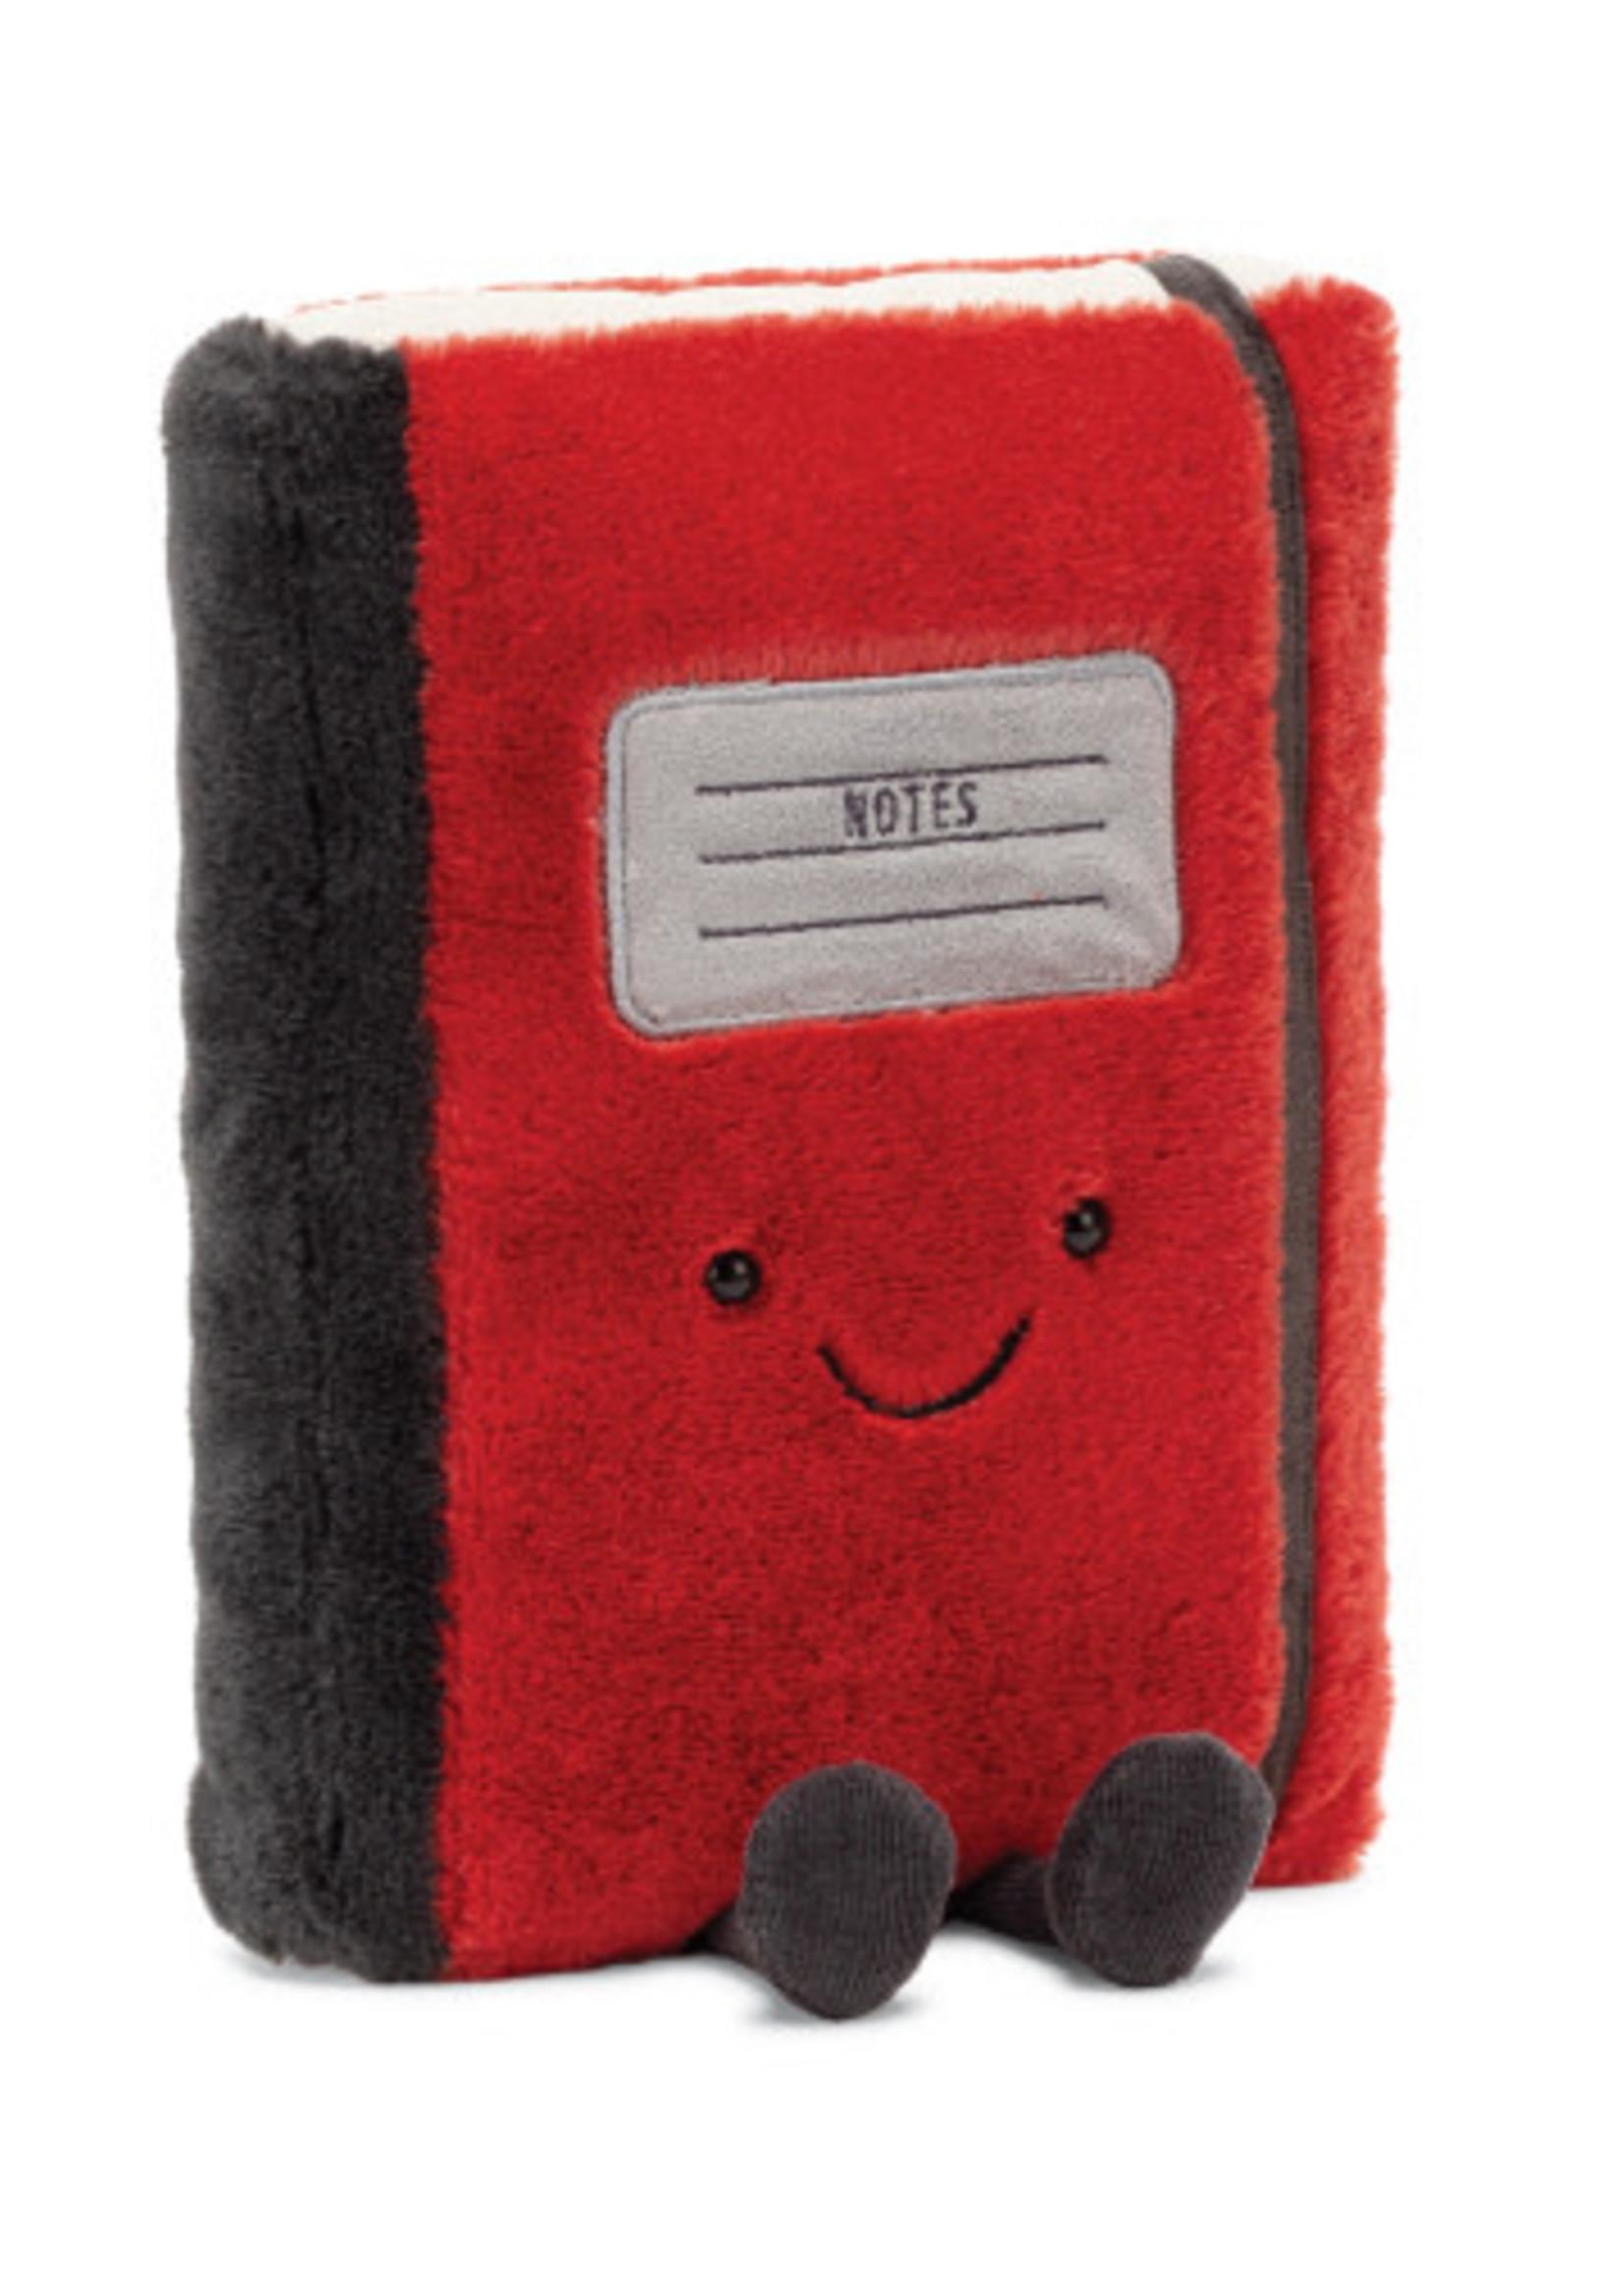 Jellycat JC Smart Stationery Notebook